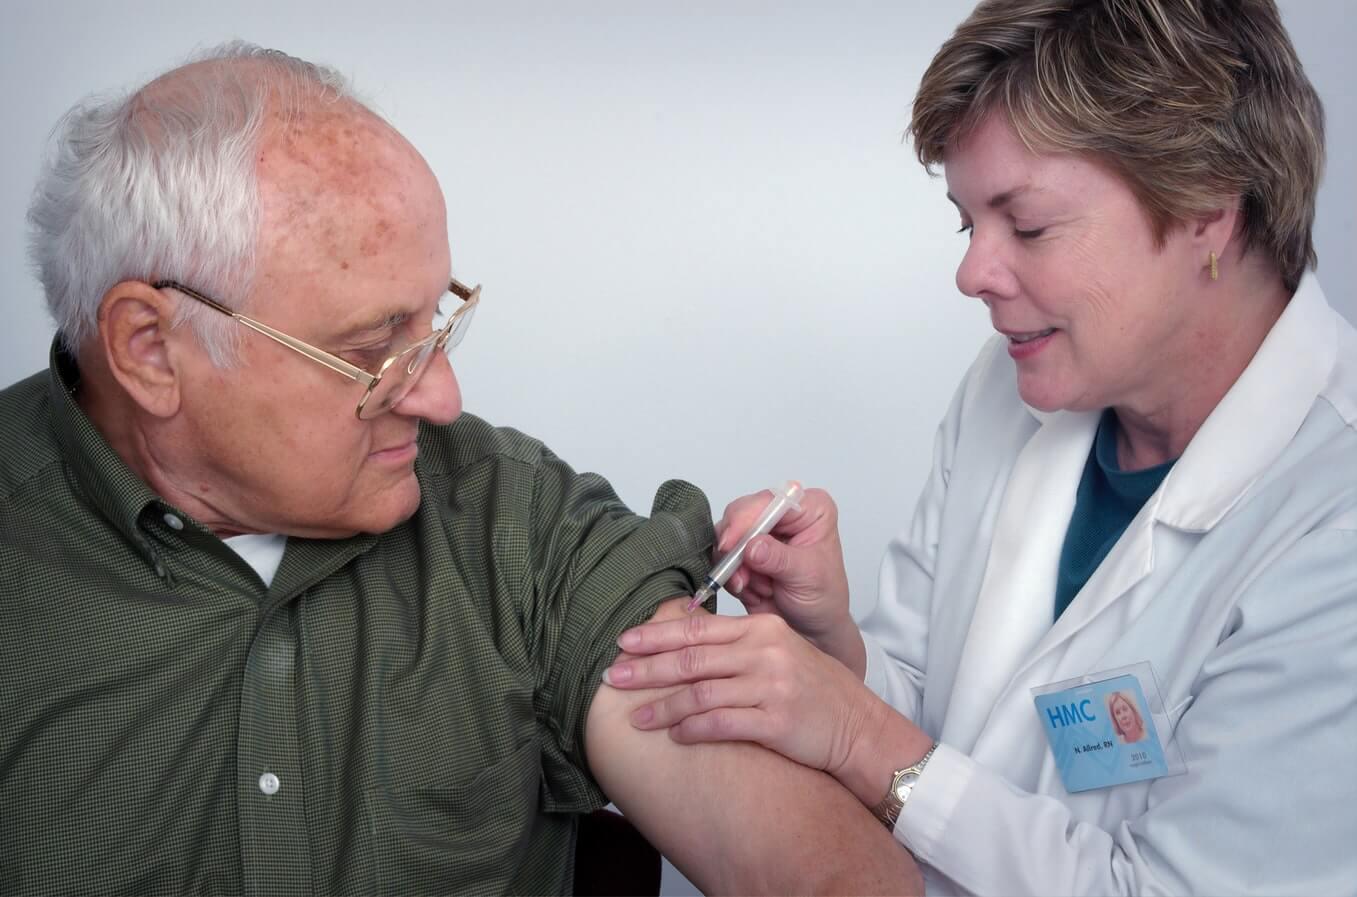 penzic cjepivo